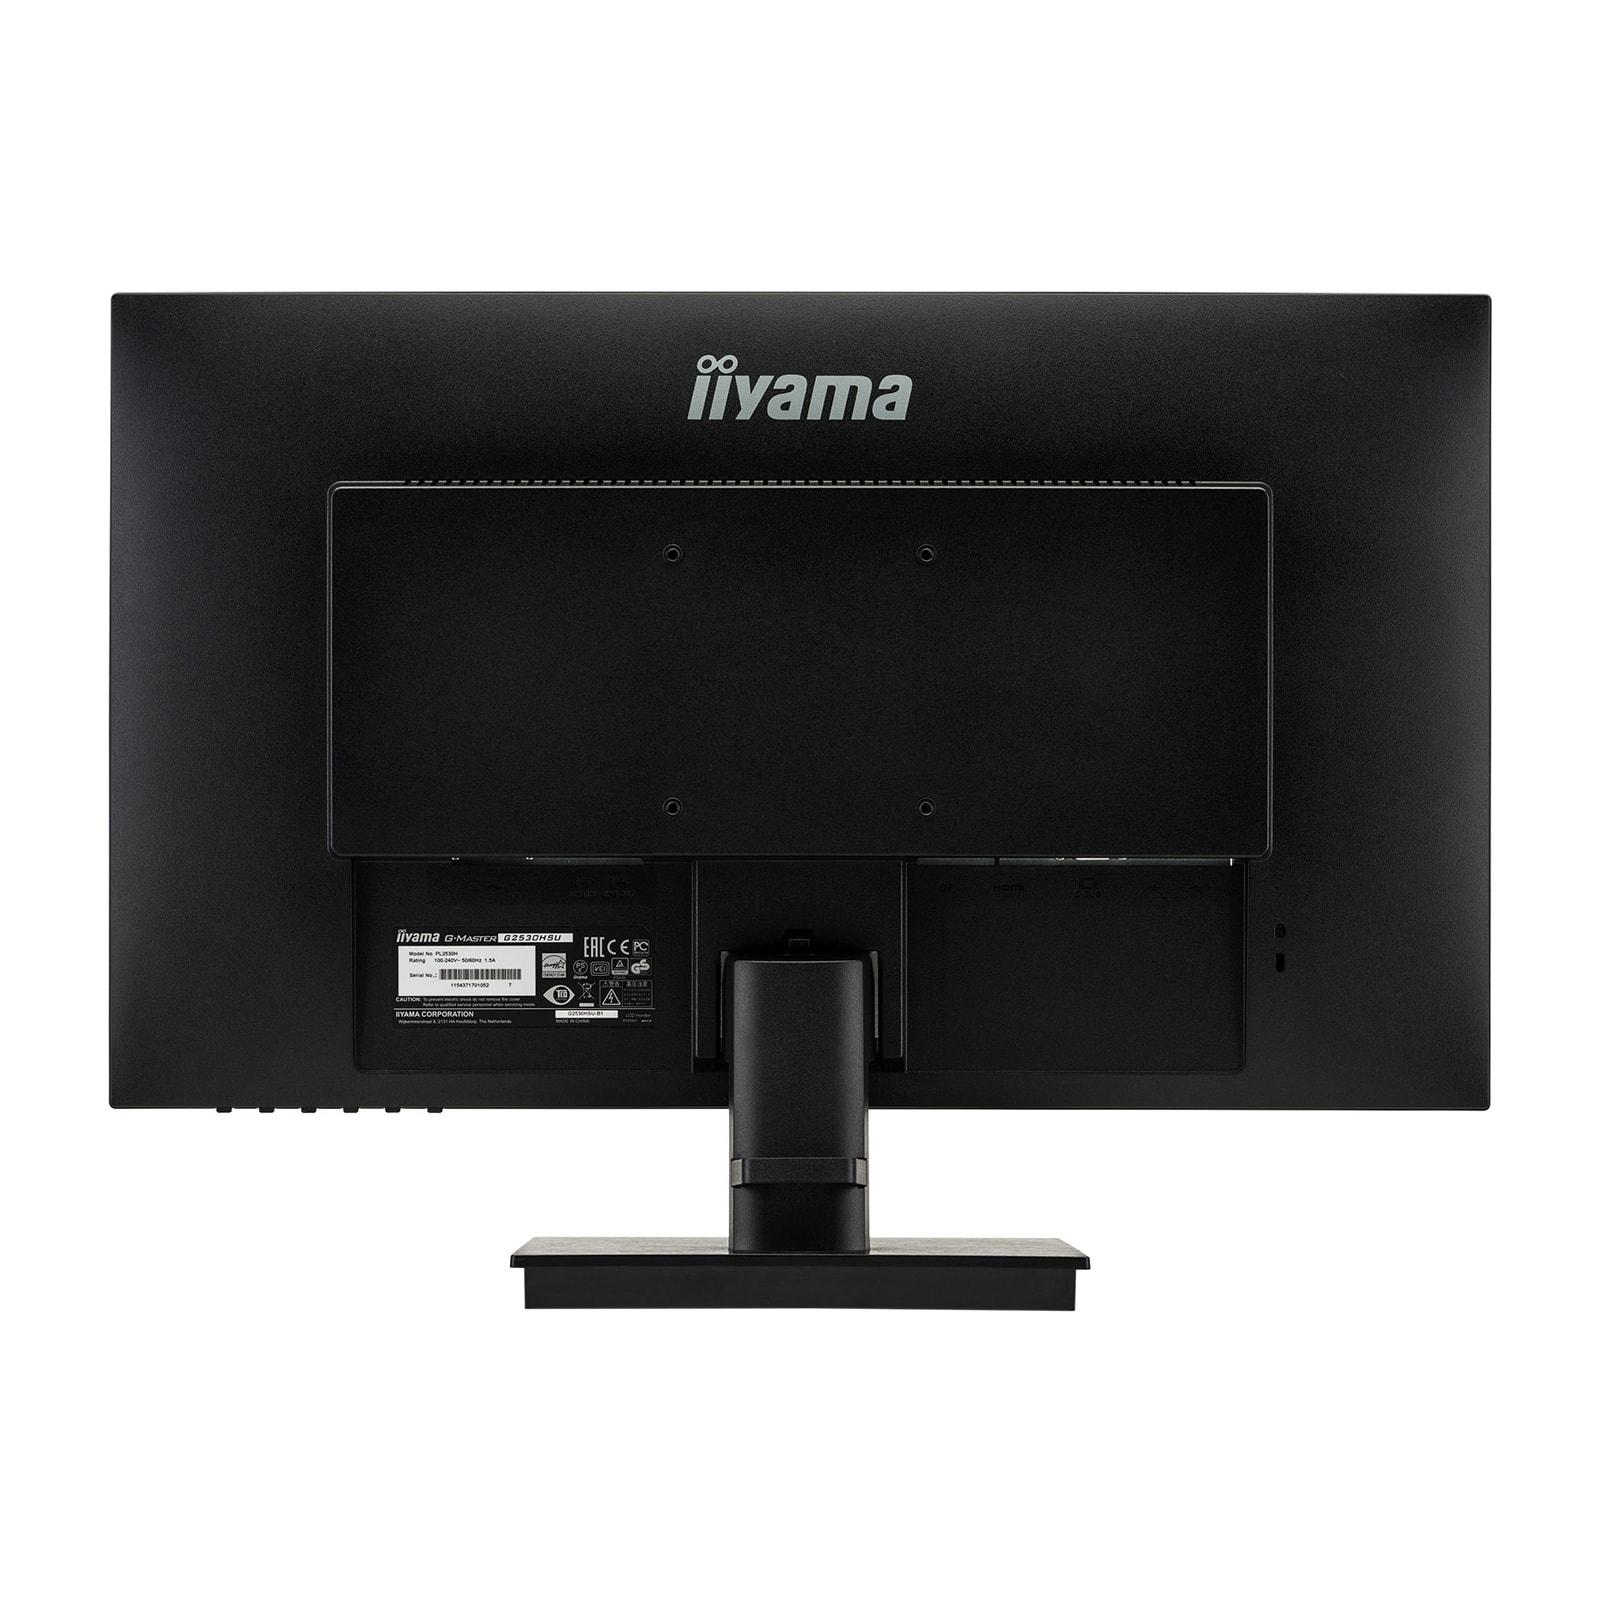 Ecran PC Iiyama G-Master Black Hawk G2530HSU-B1 (G2530HSU-B1) - Achat / Vente Ecran PC sur Picata.fr - 1